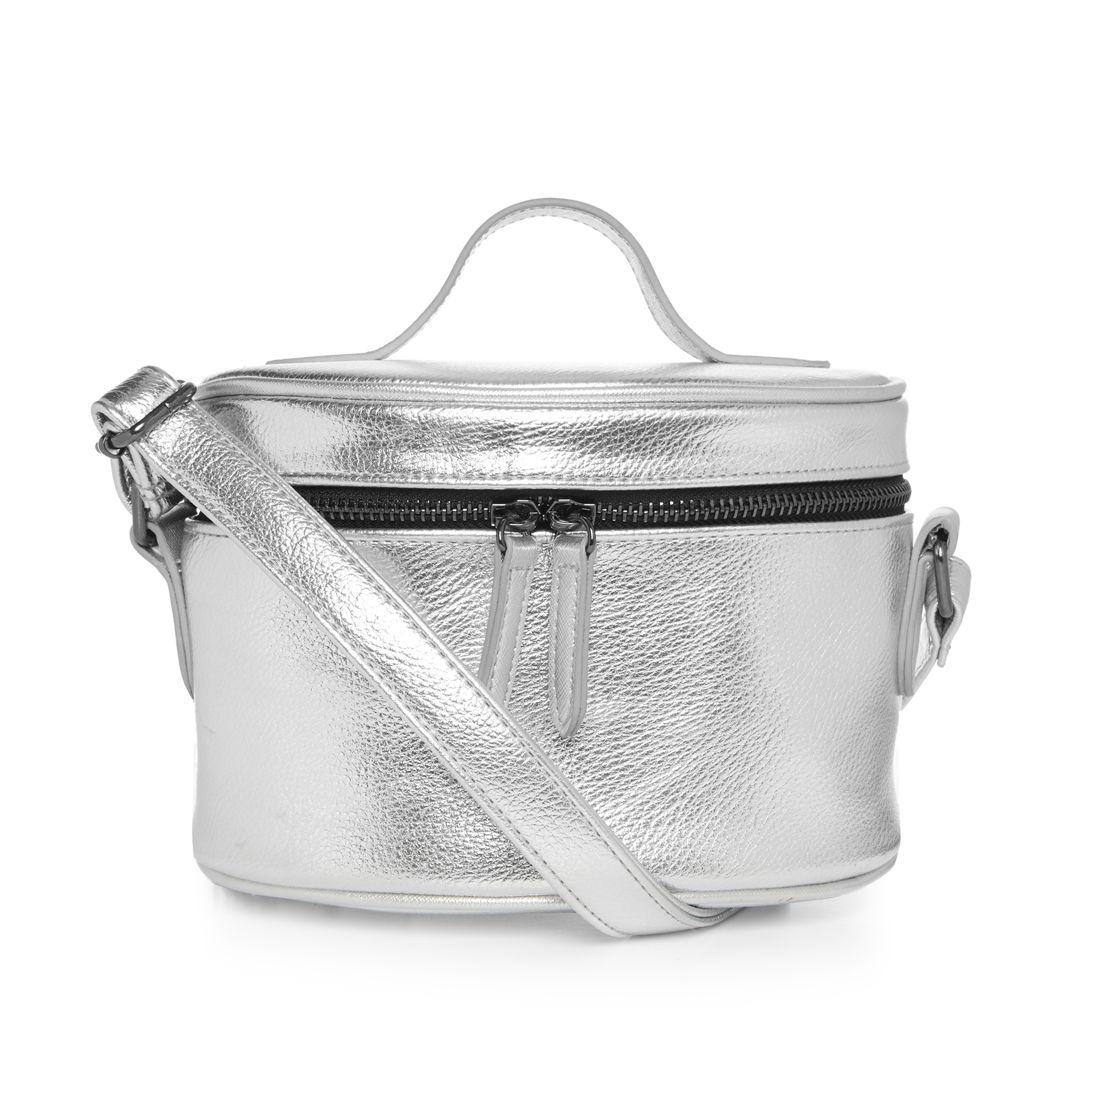 Le sac métallique camer Argent - €8